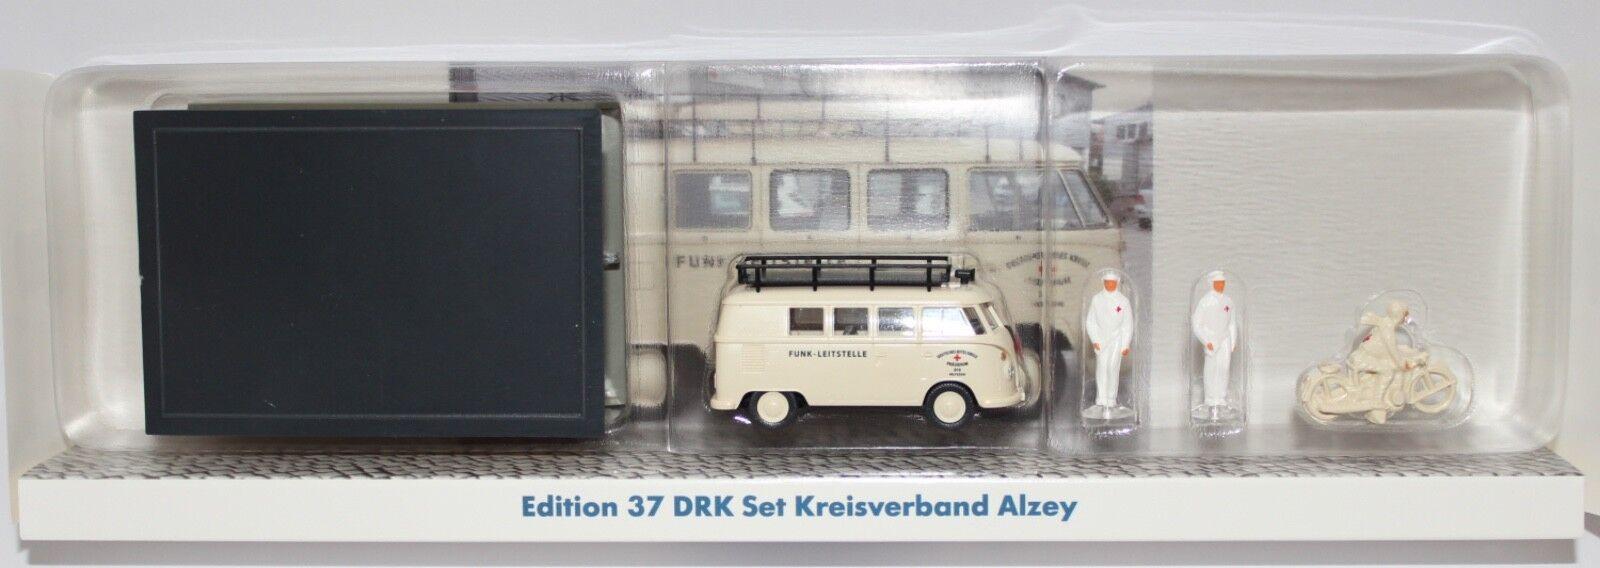 Vw t1 Bus SCENIC RDC 0865 seulement 2016 2016 2016 commande de l'emballage 38a20c